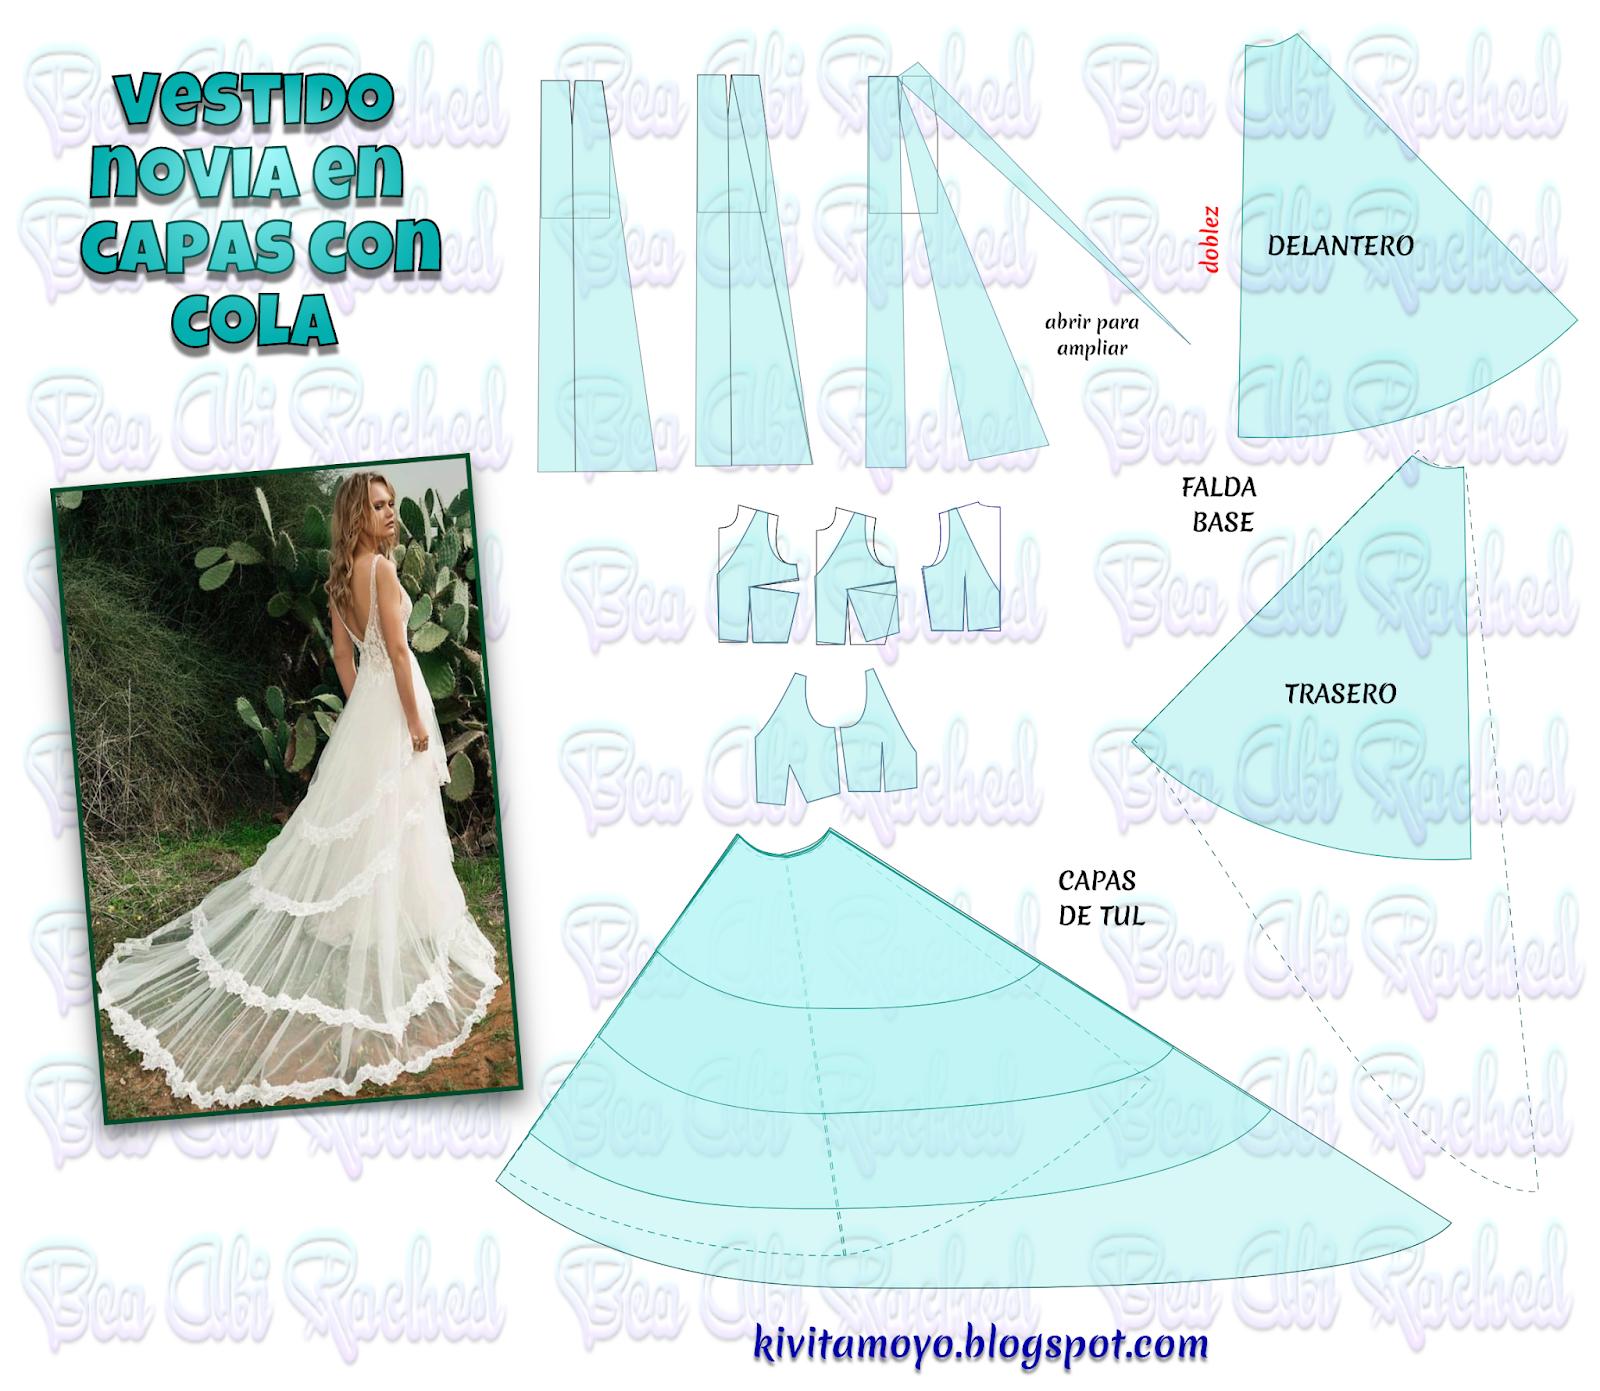 a683665b3 KiVita MoYo   VESTIDO CDE NOVIA EN CAPAS CON COLA Patrones Para Vestidos De  Novia